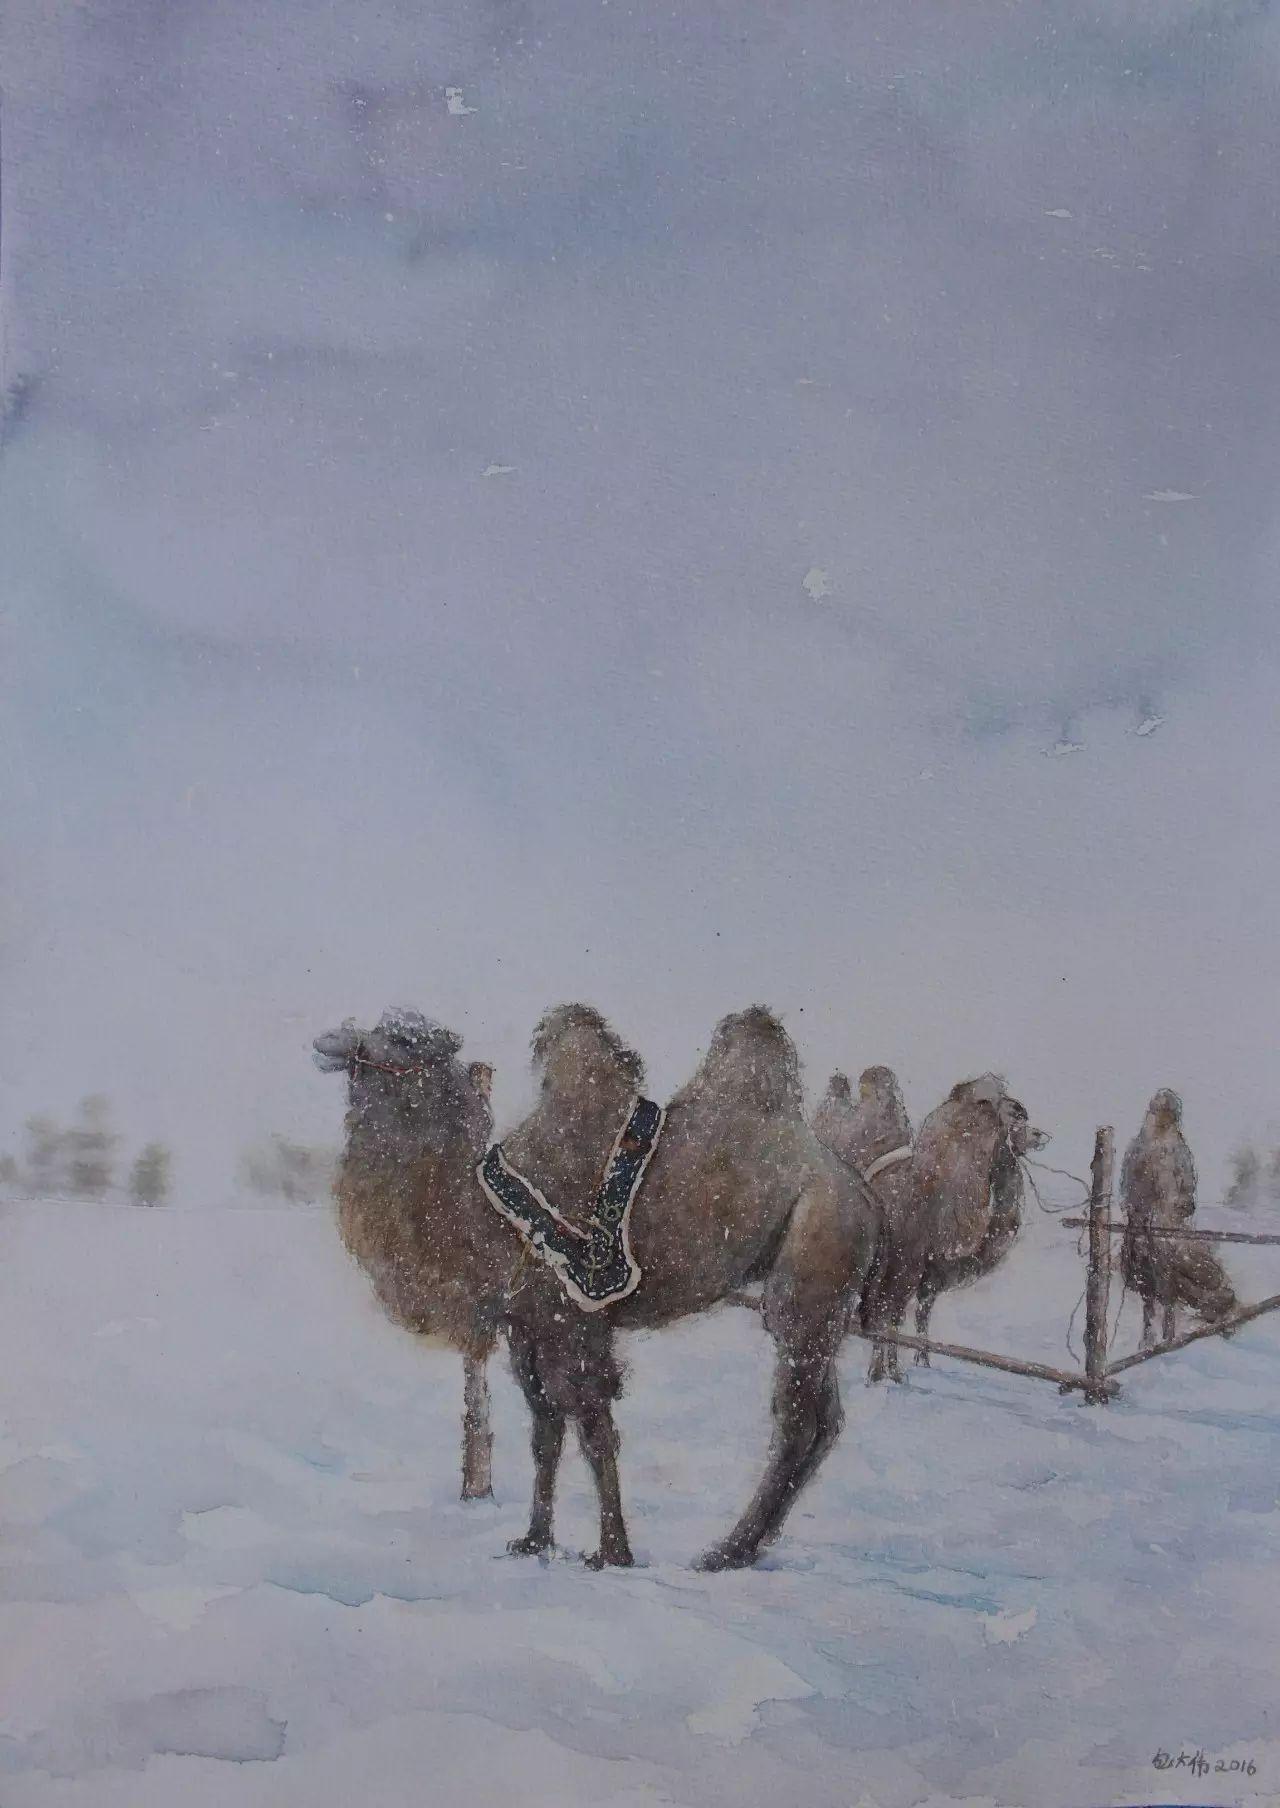 【图片】包大伟水粉画作品欣赏 第7张 【图片】包大伟水粉画作品欣赏 蒙古画廊